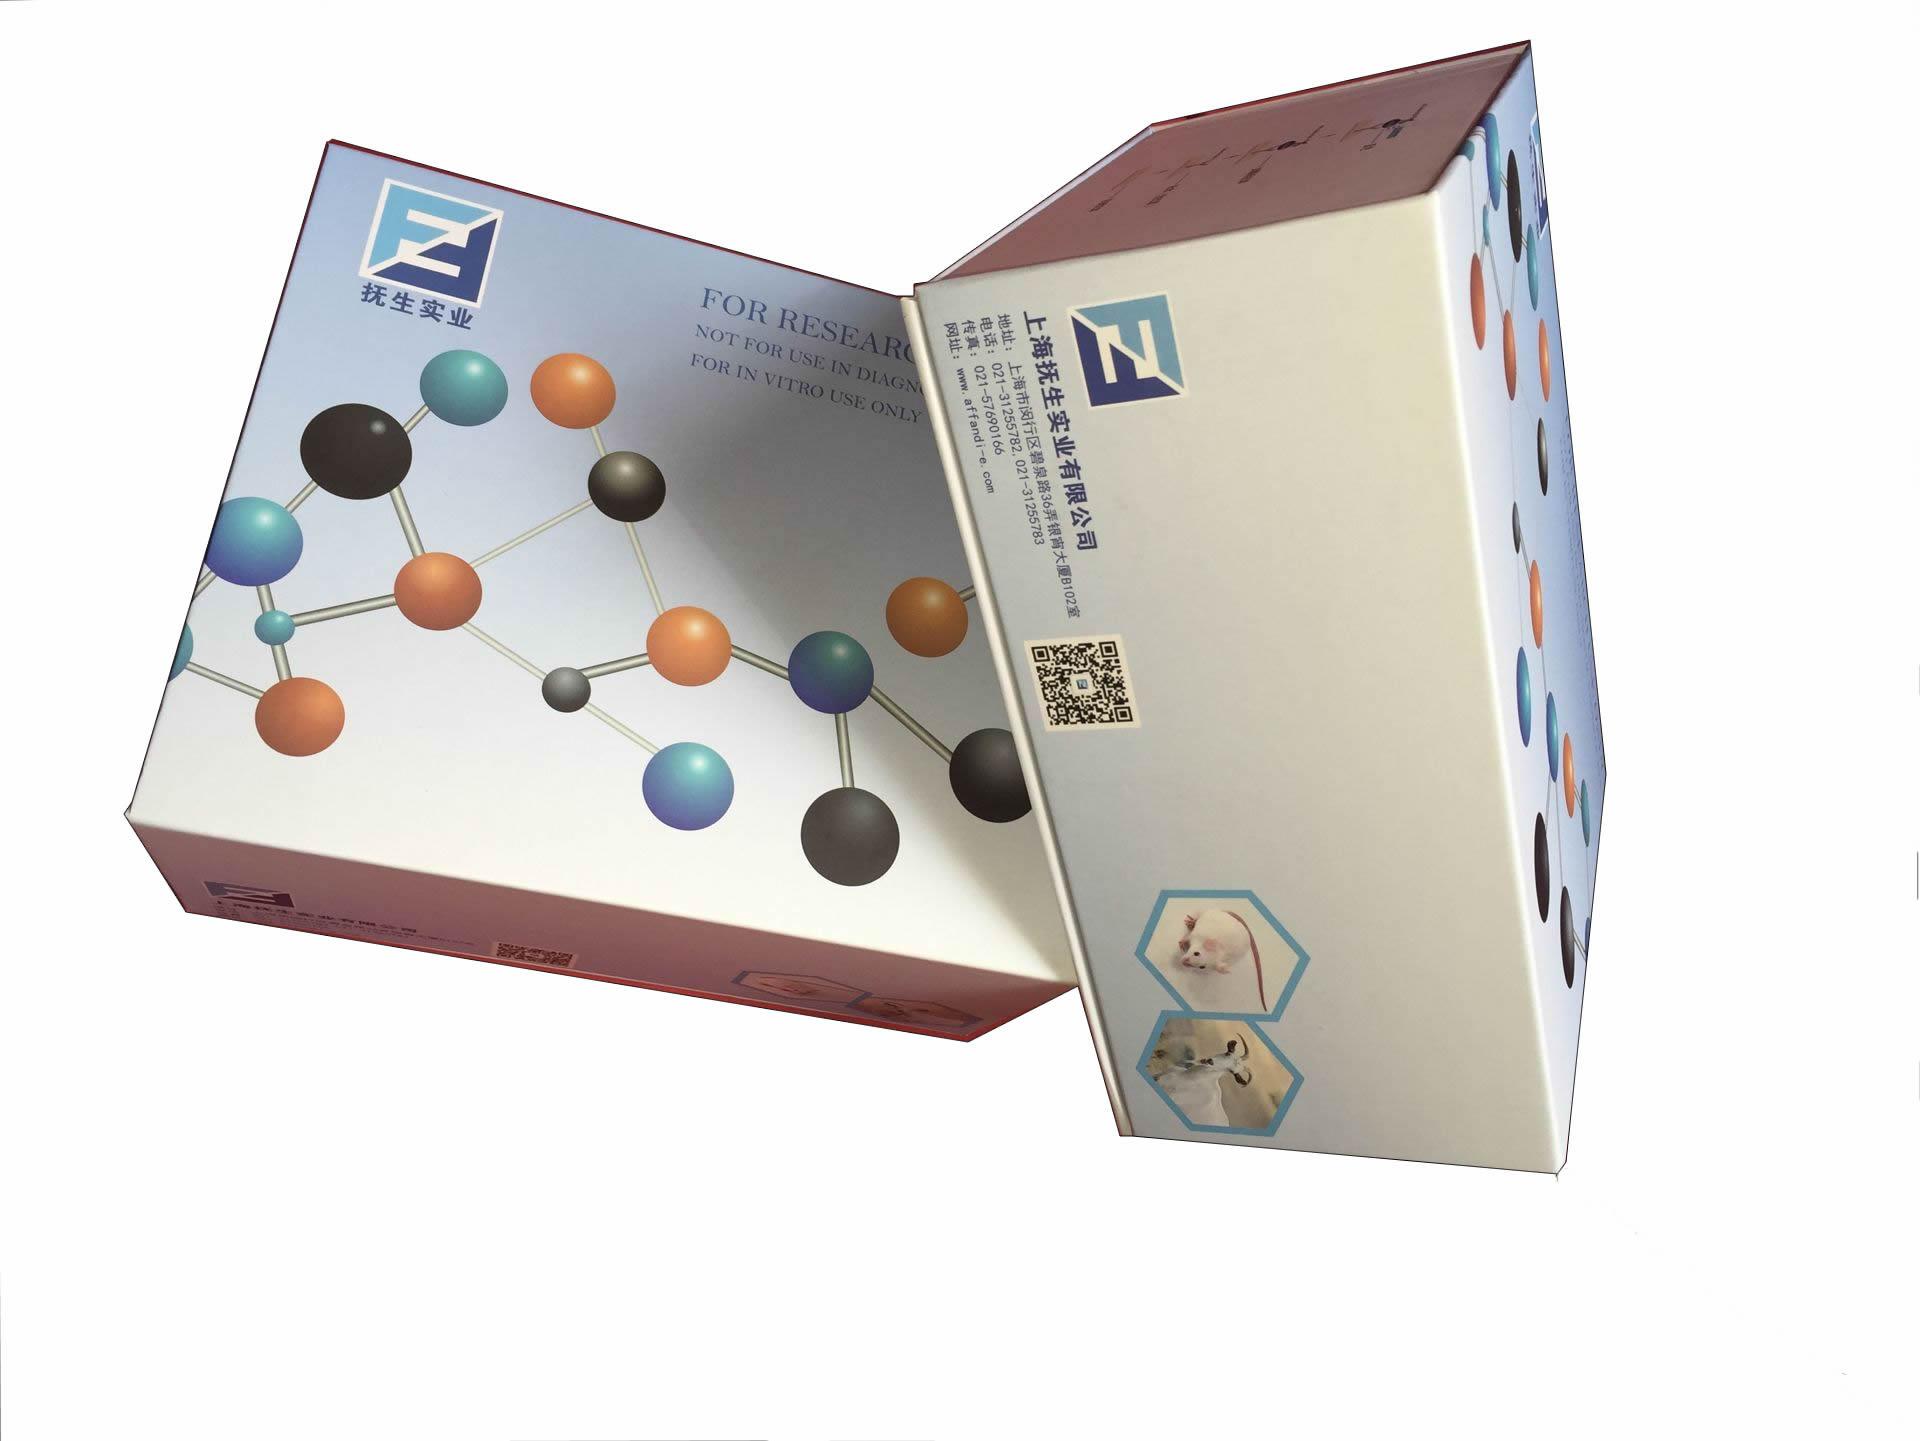 传染性鼻炎检测试剂盒